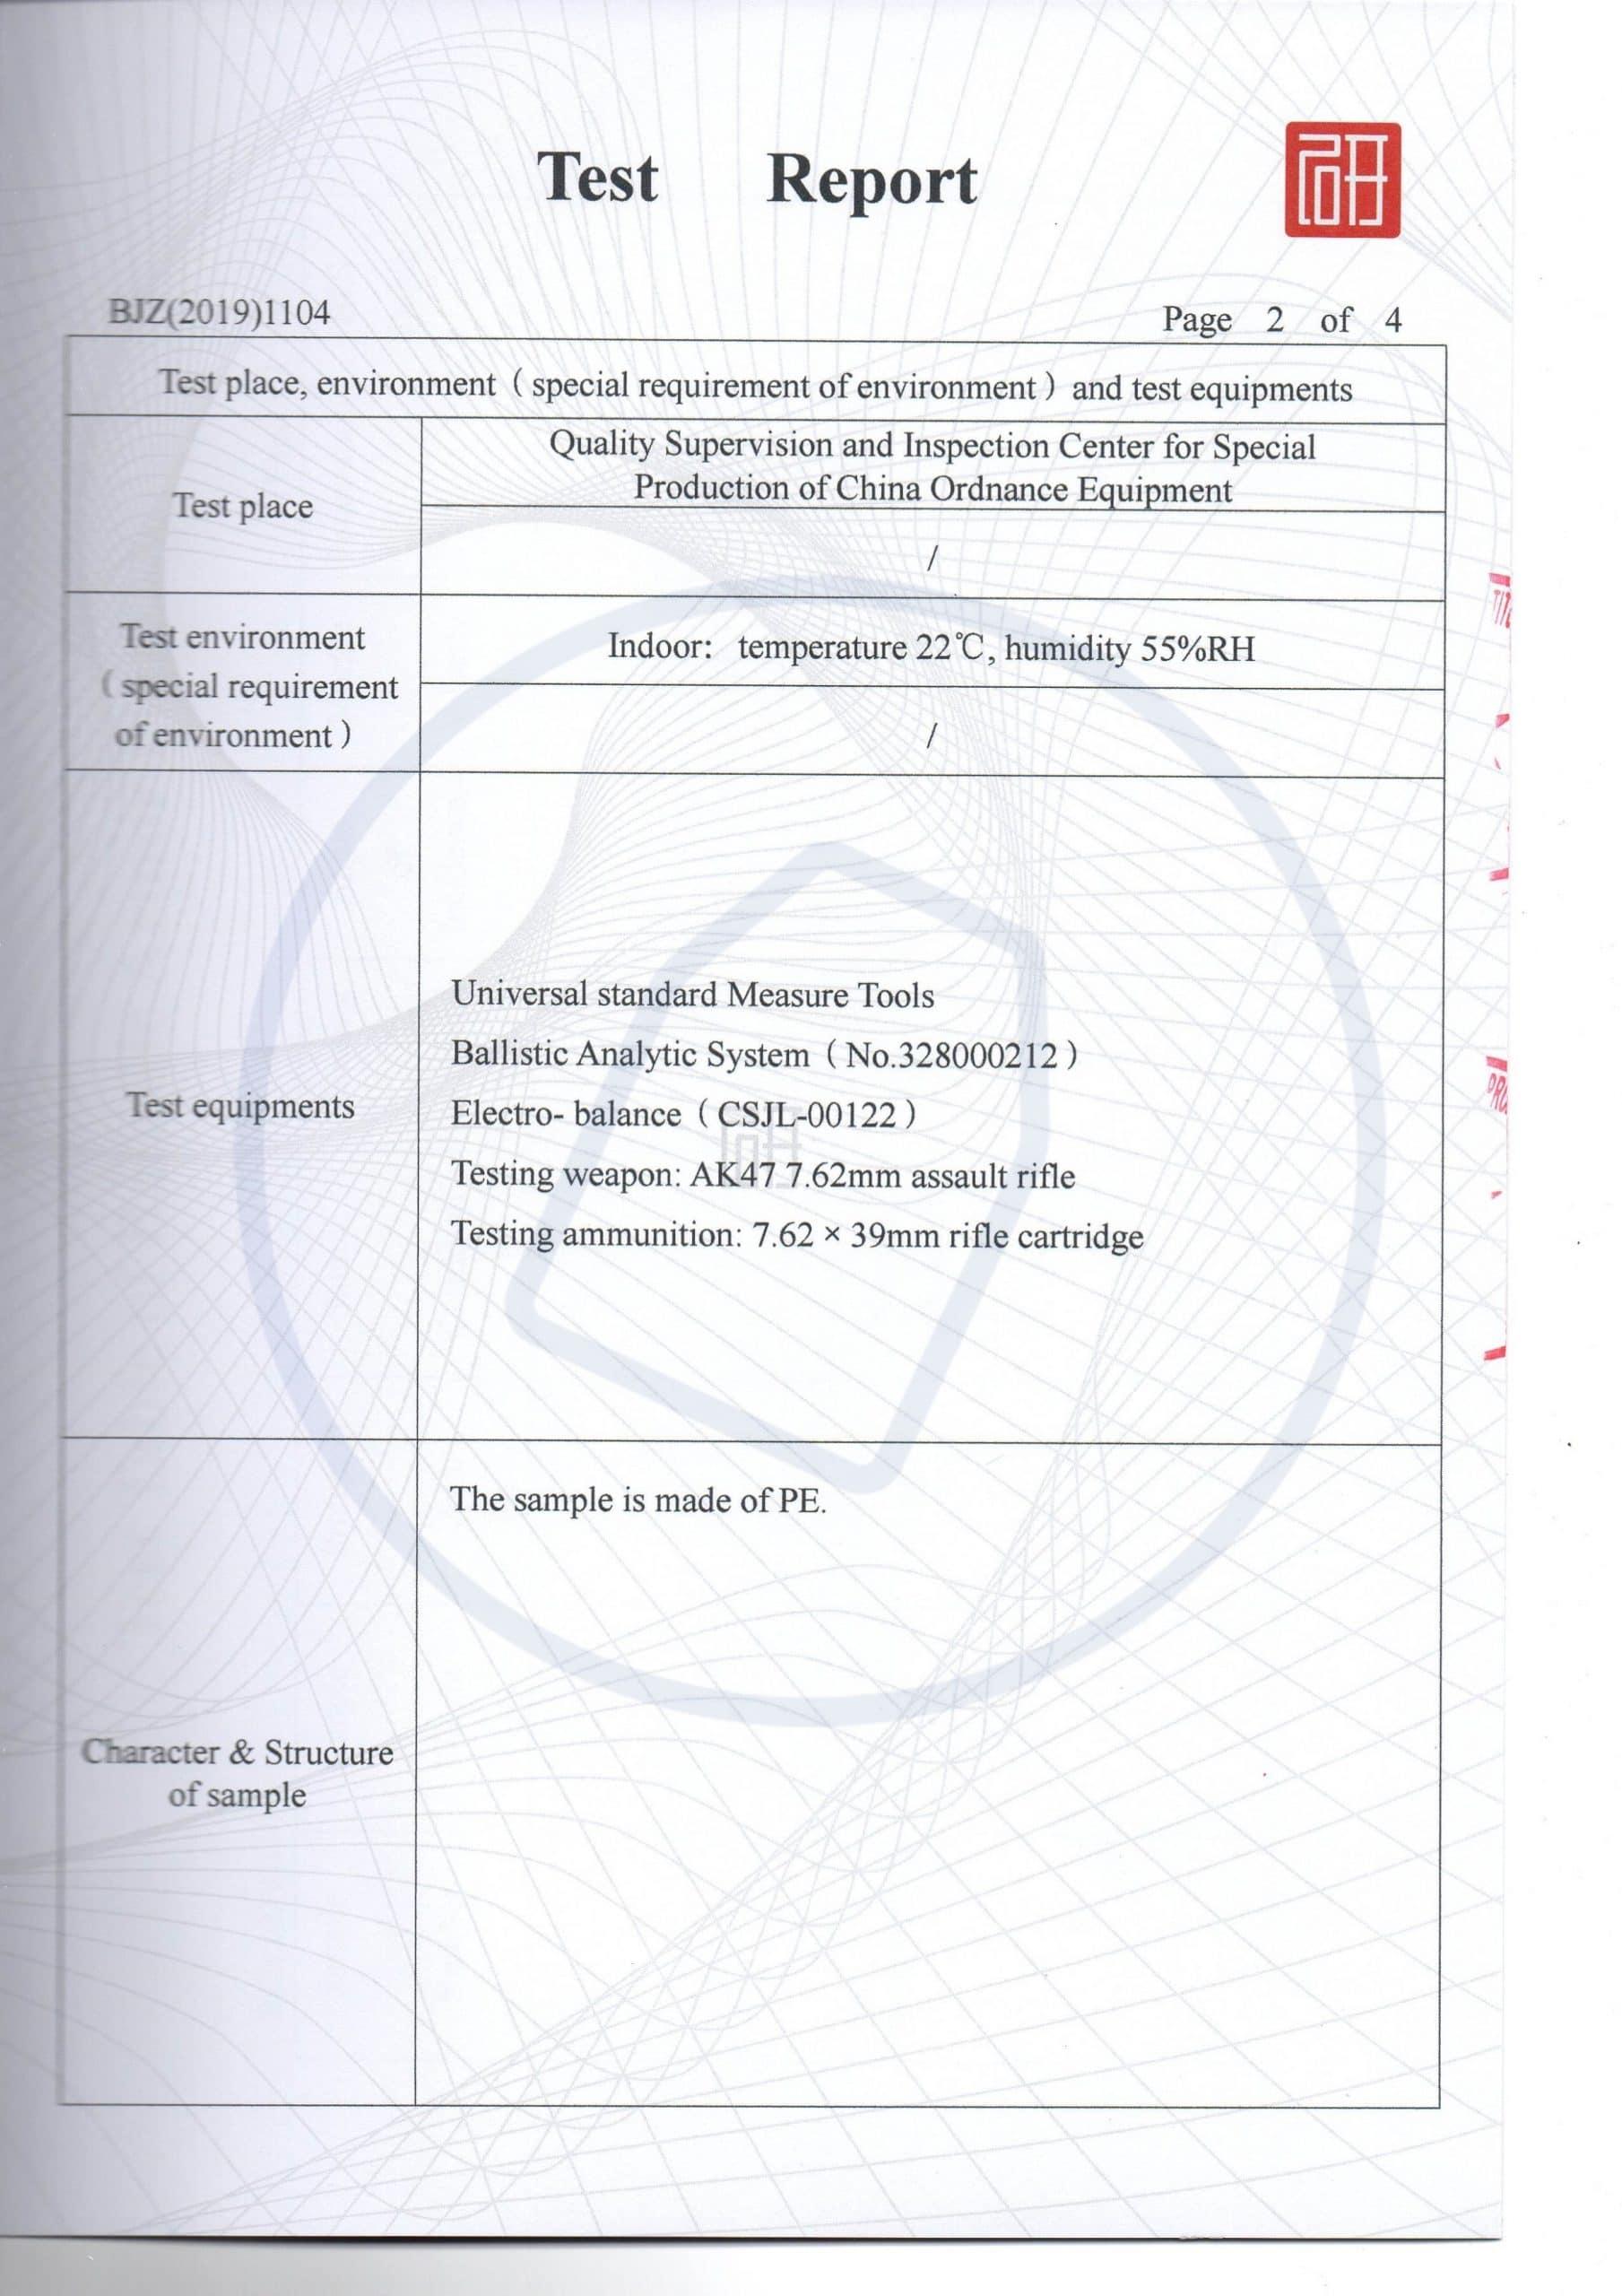 16kg hb90 bulletproof plate test report of ak47 msc 2019 3